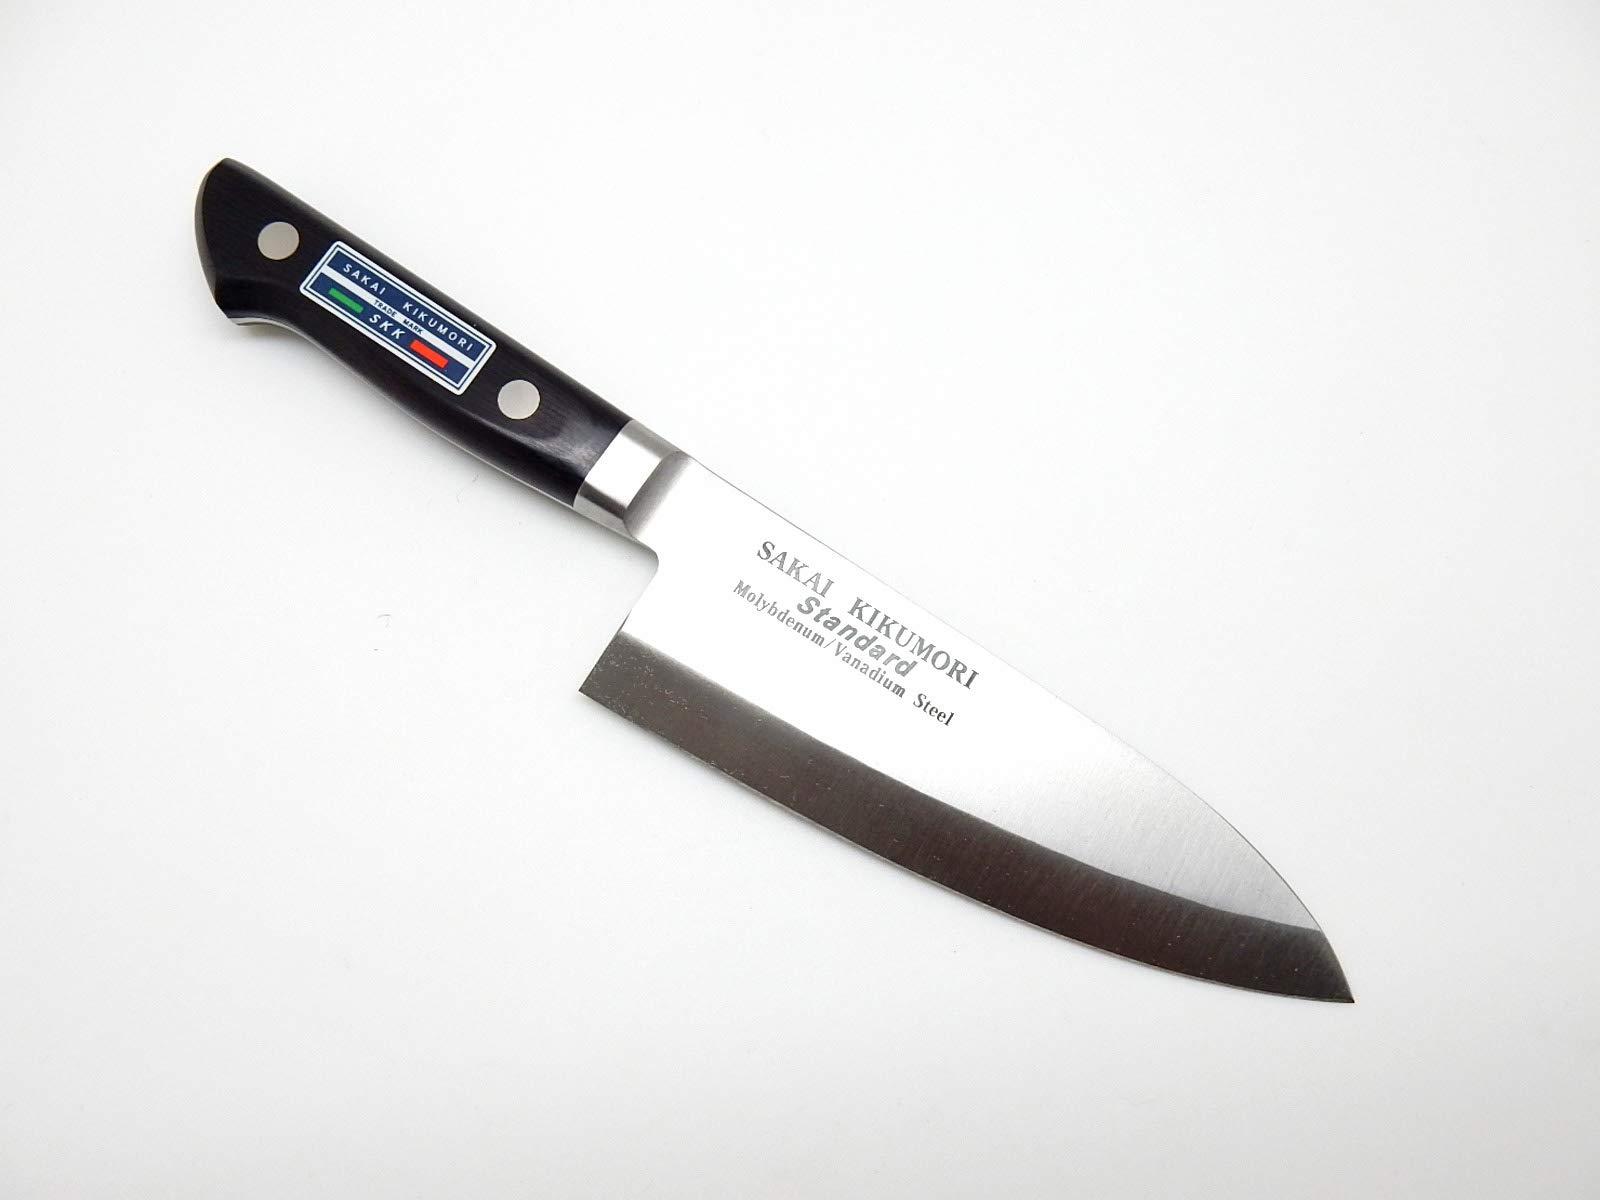 SAKAI KIKUMORI Standard Molybdenum/Vanadium Steel, Japanese Deba Knife 165mm/6.5'' by SAKAI KIKUMORI (Image #3)